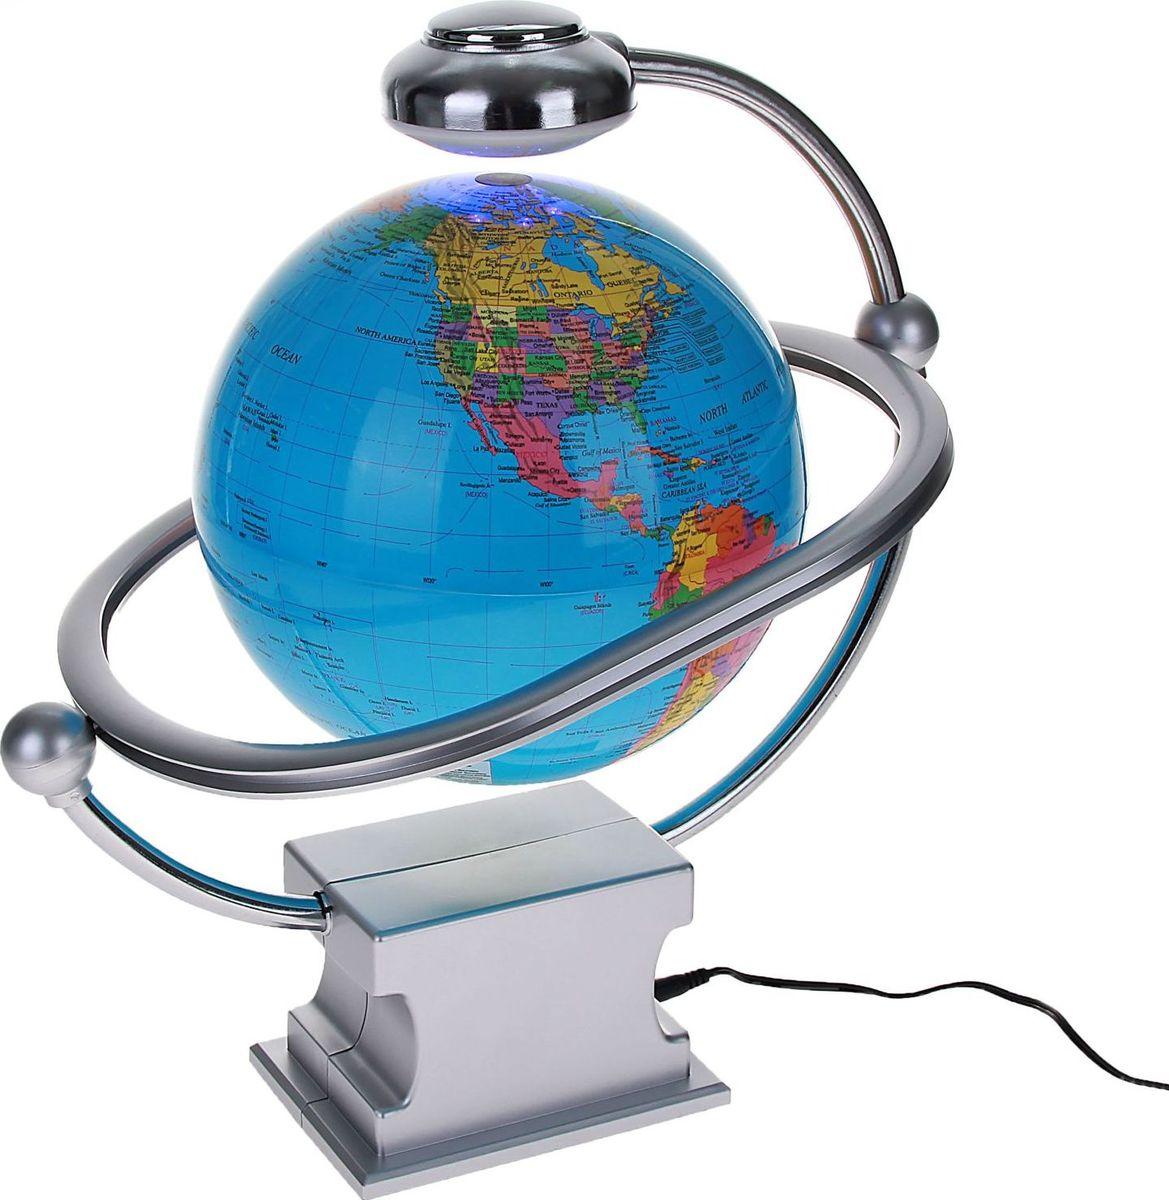 Глобус Политическая карта на английском языке цвет синий диаметр 20 см цвет синий глобус политическая карта на английском языке диаметр 33 см